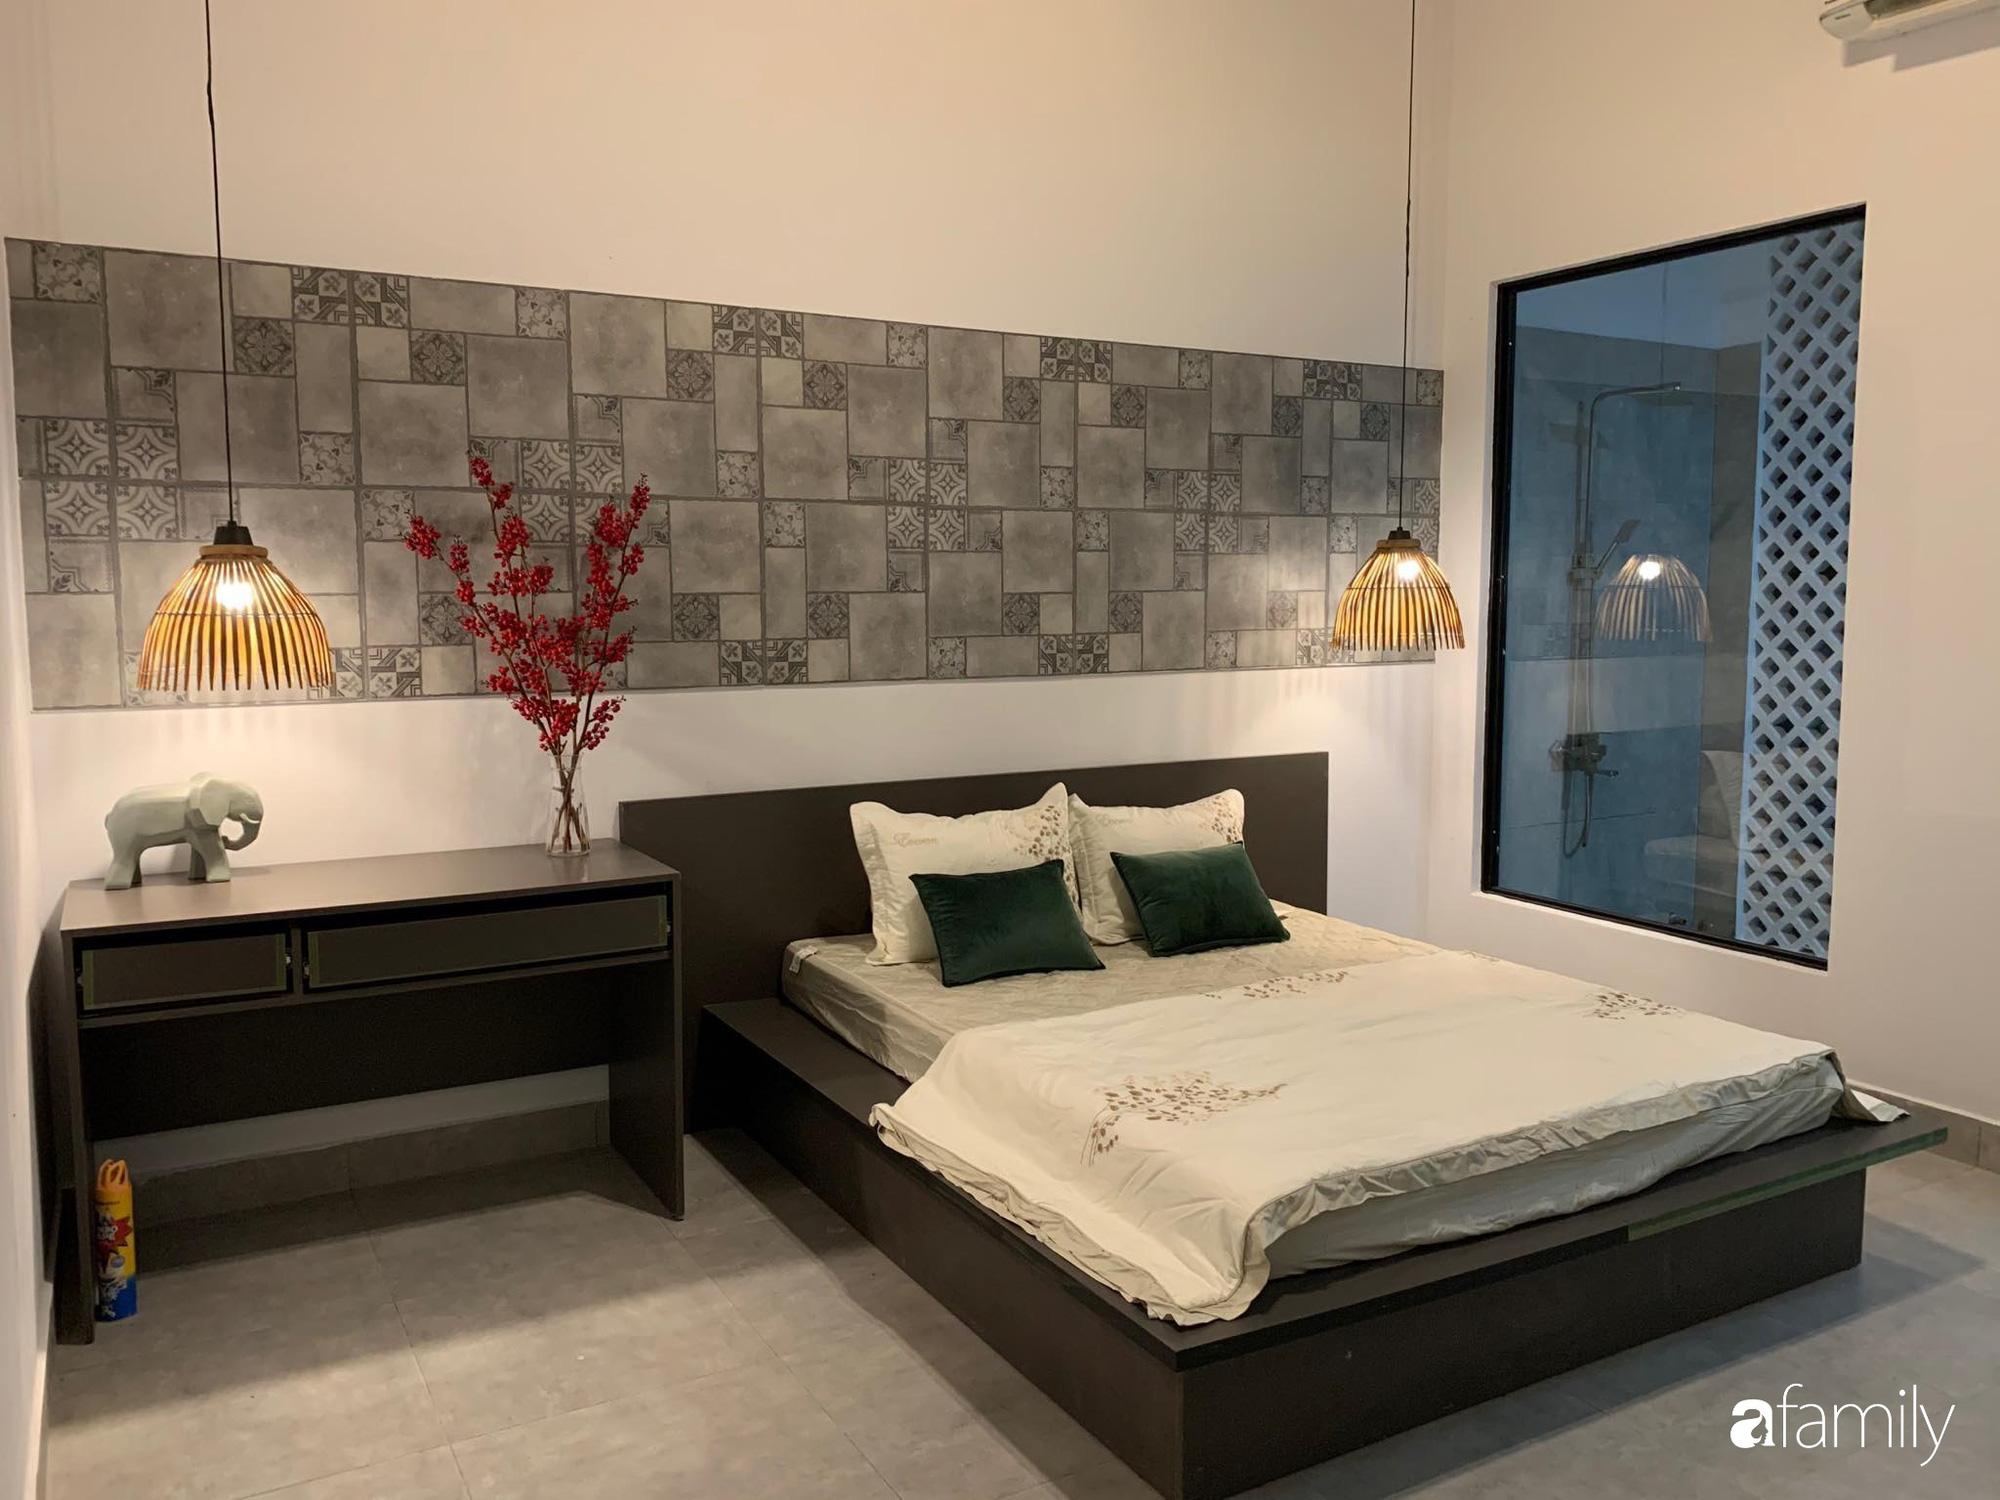 Ngôi nhà rộng 147m2 đẹp như resort củ chàng tri 24 tuổi ấp ủ hoàn thành ước mơ ở Tây Ninh - Ảnh 14.